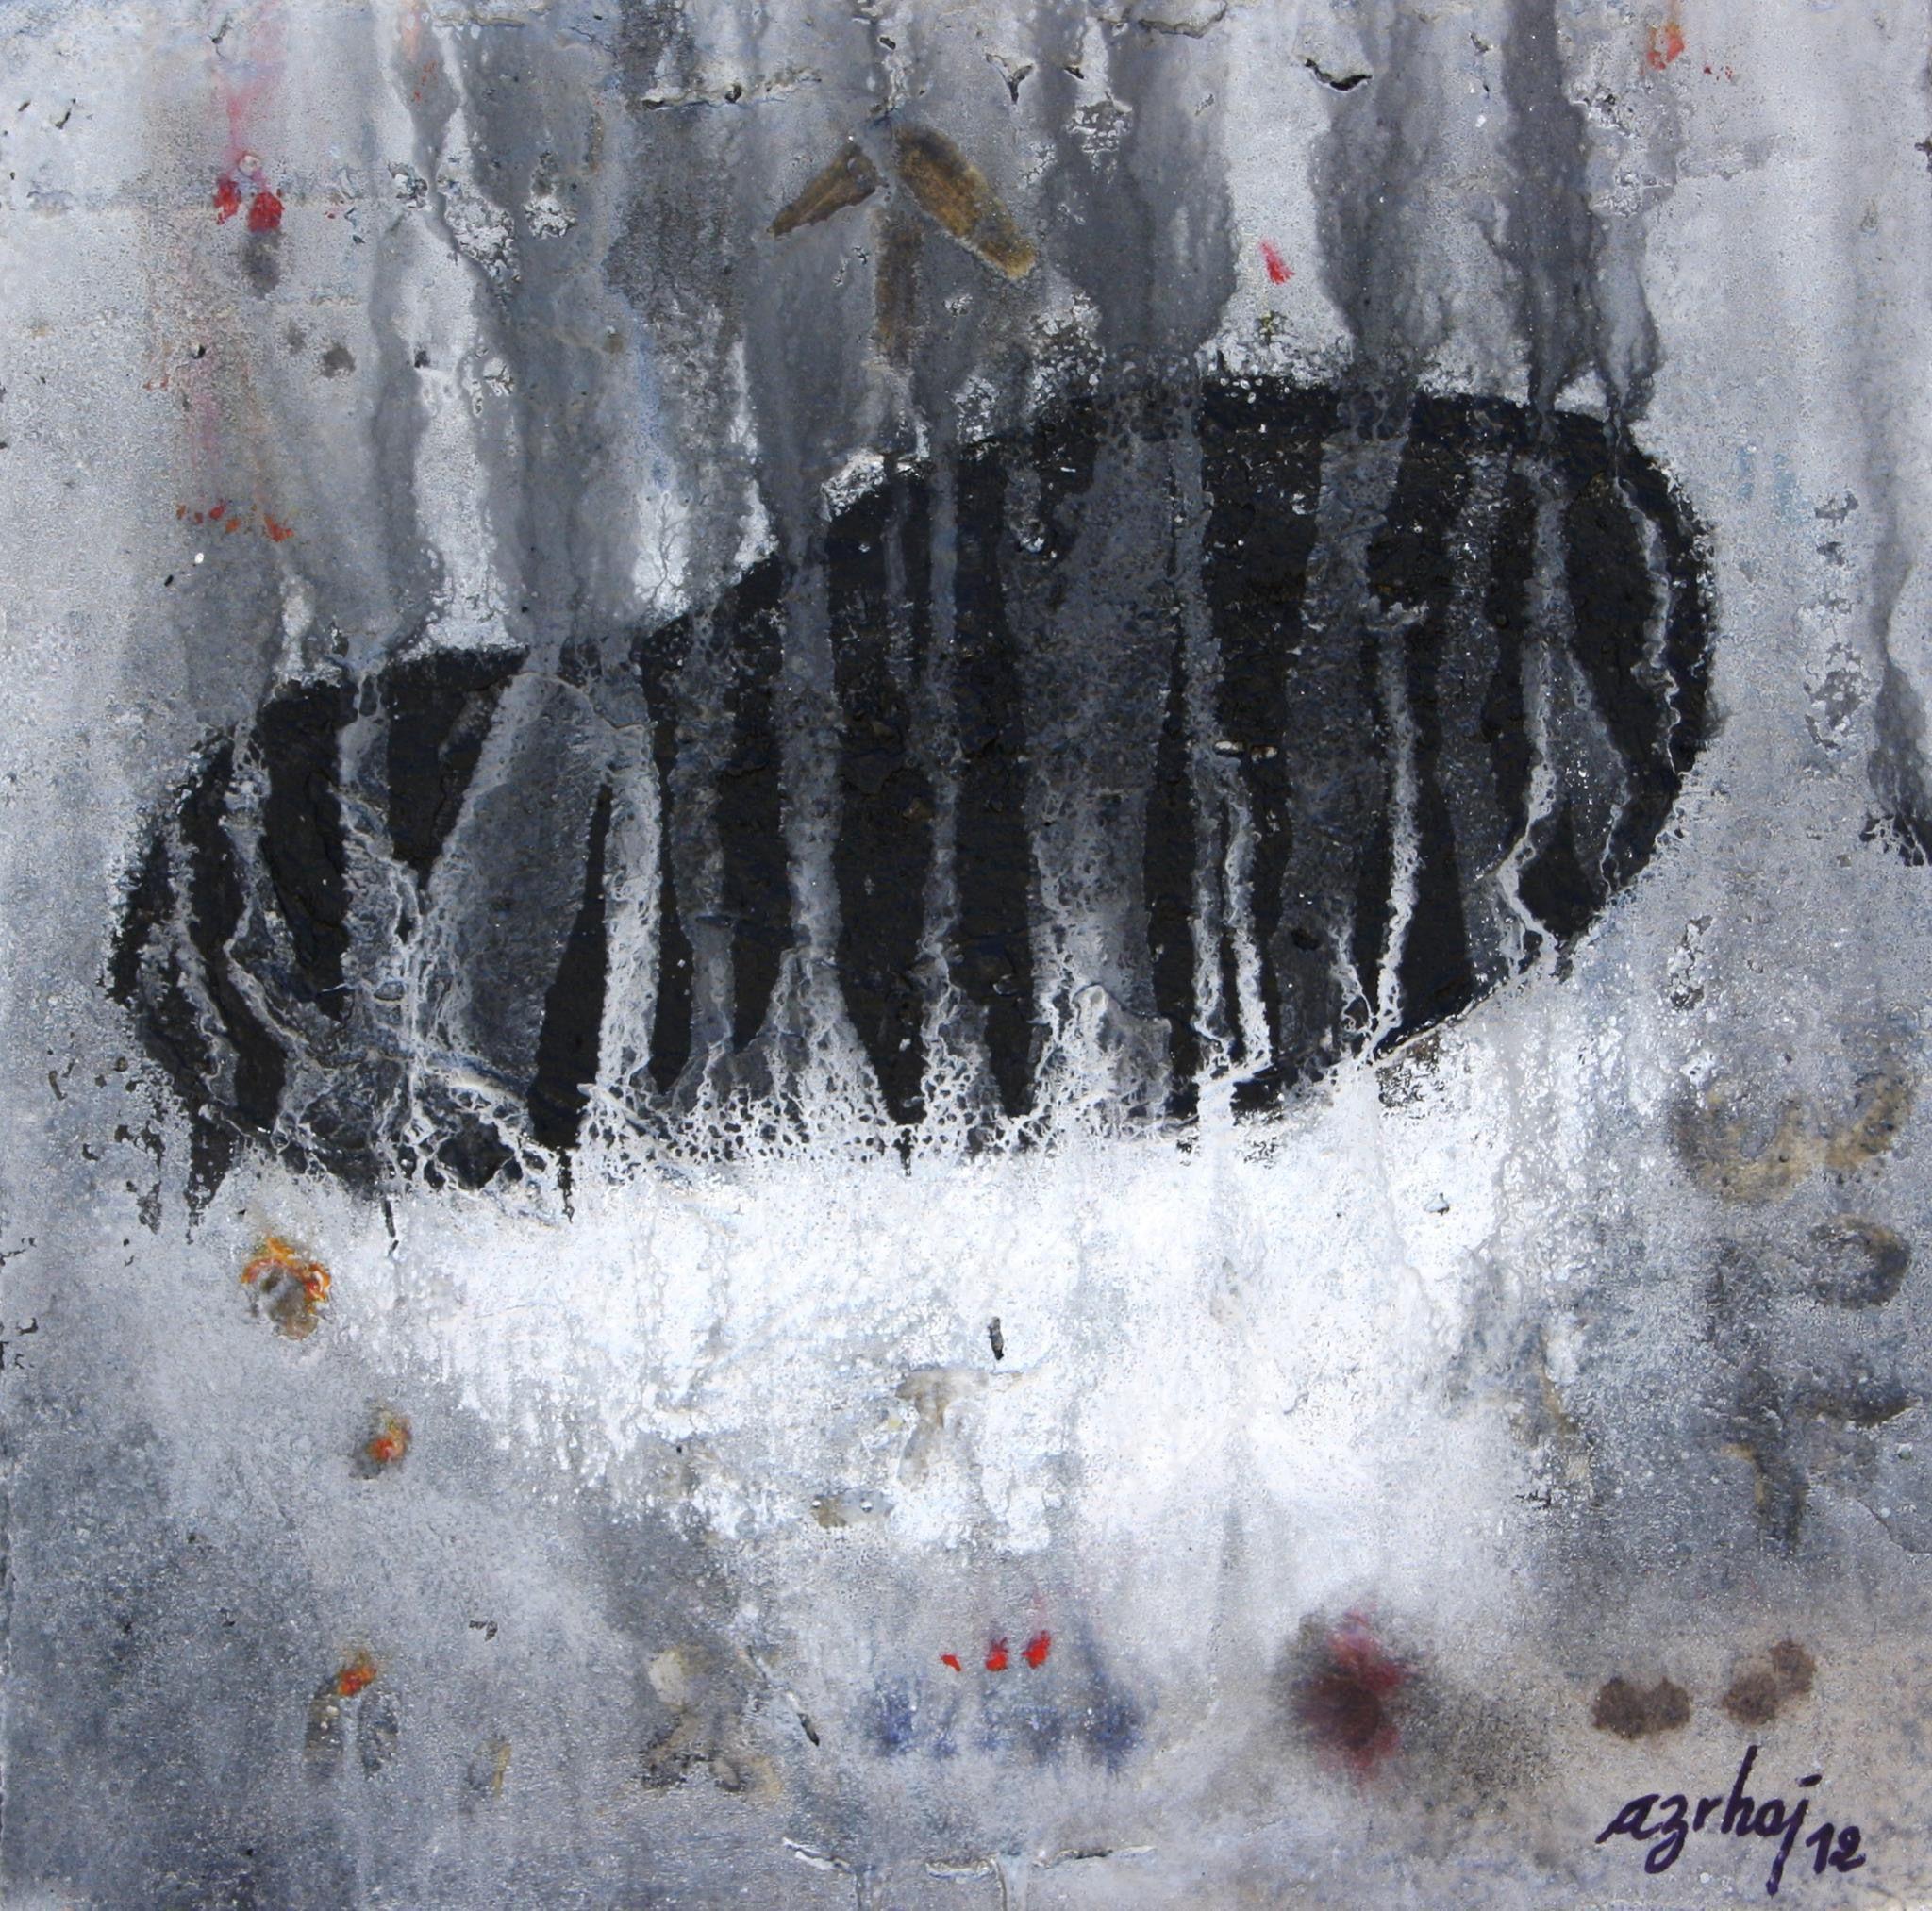 Tashido Toile de Style M/éDiterran/éen /à Th/èMe Art Deco-Marine avec Cadre Sea Animal Poulpe Tortue de Mer Seahorse Whale Picture Poster Salle de Bain-12 X 12 Pouces Panel 4 Piece Set